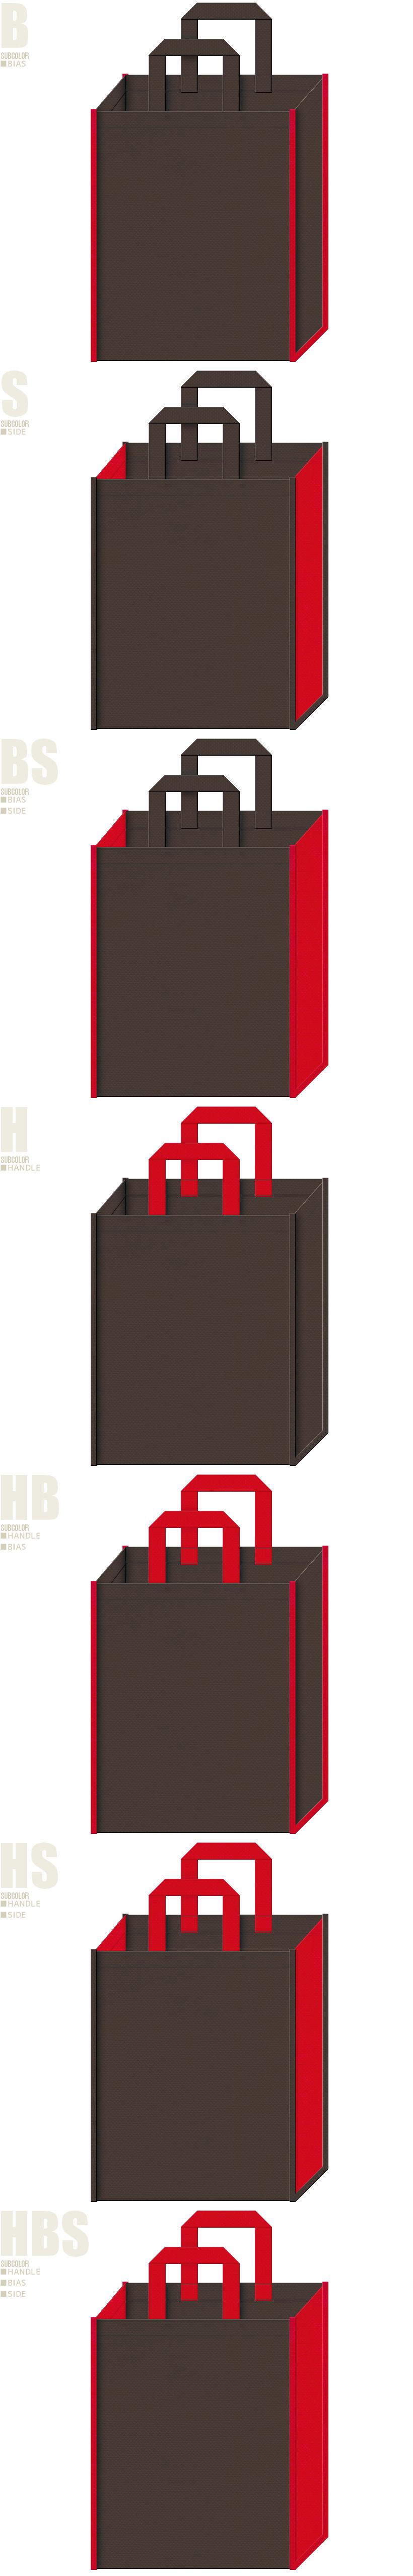 こげ茶色と紅色、7パターンの不織布トートバッグ配色デザイン例。